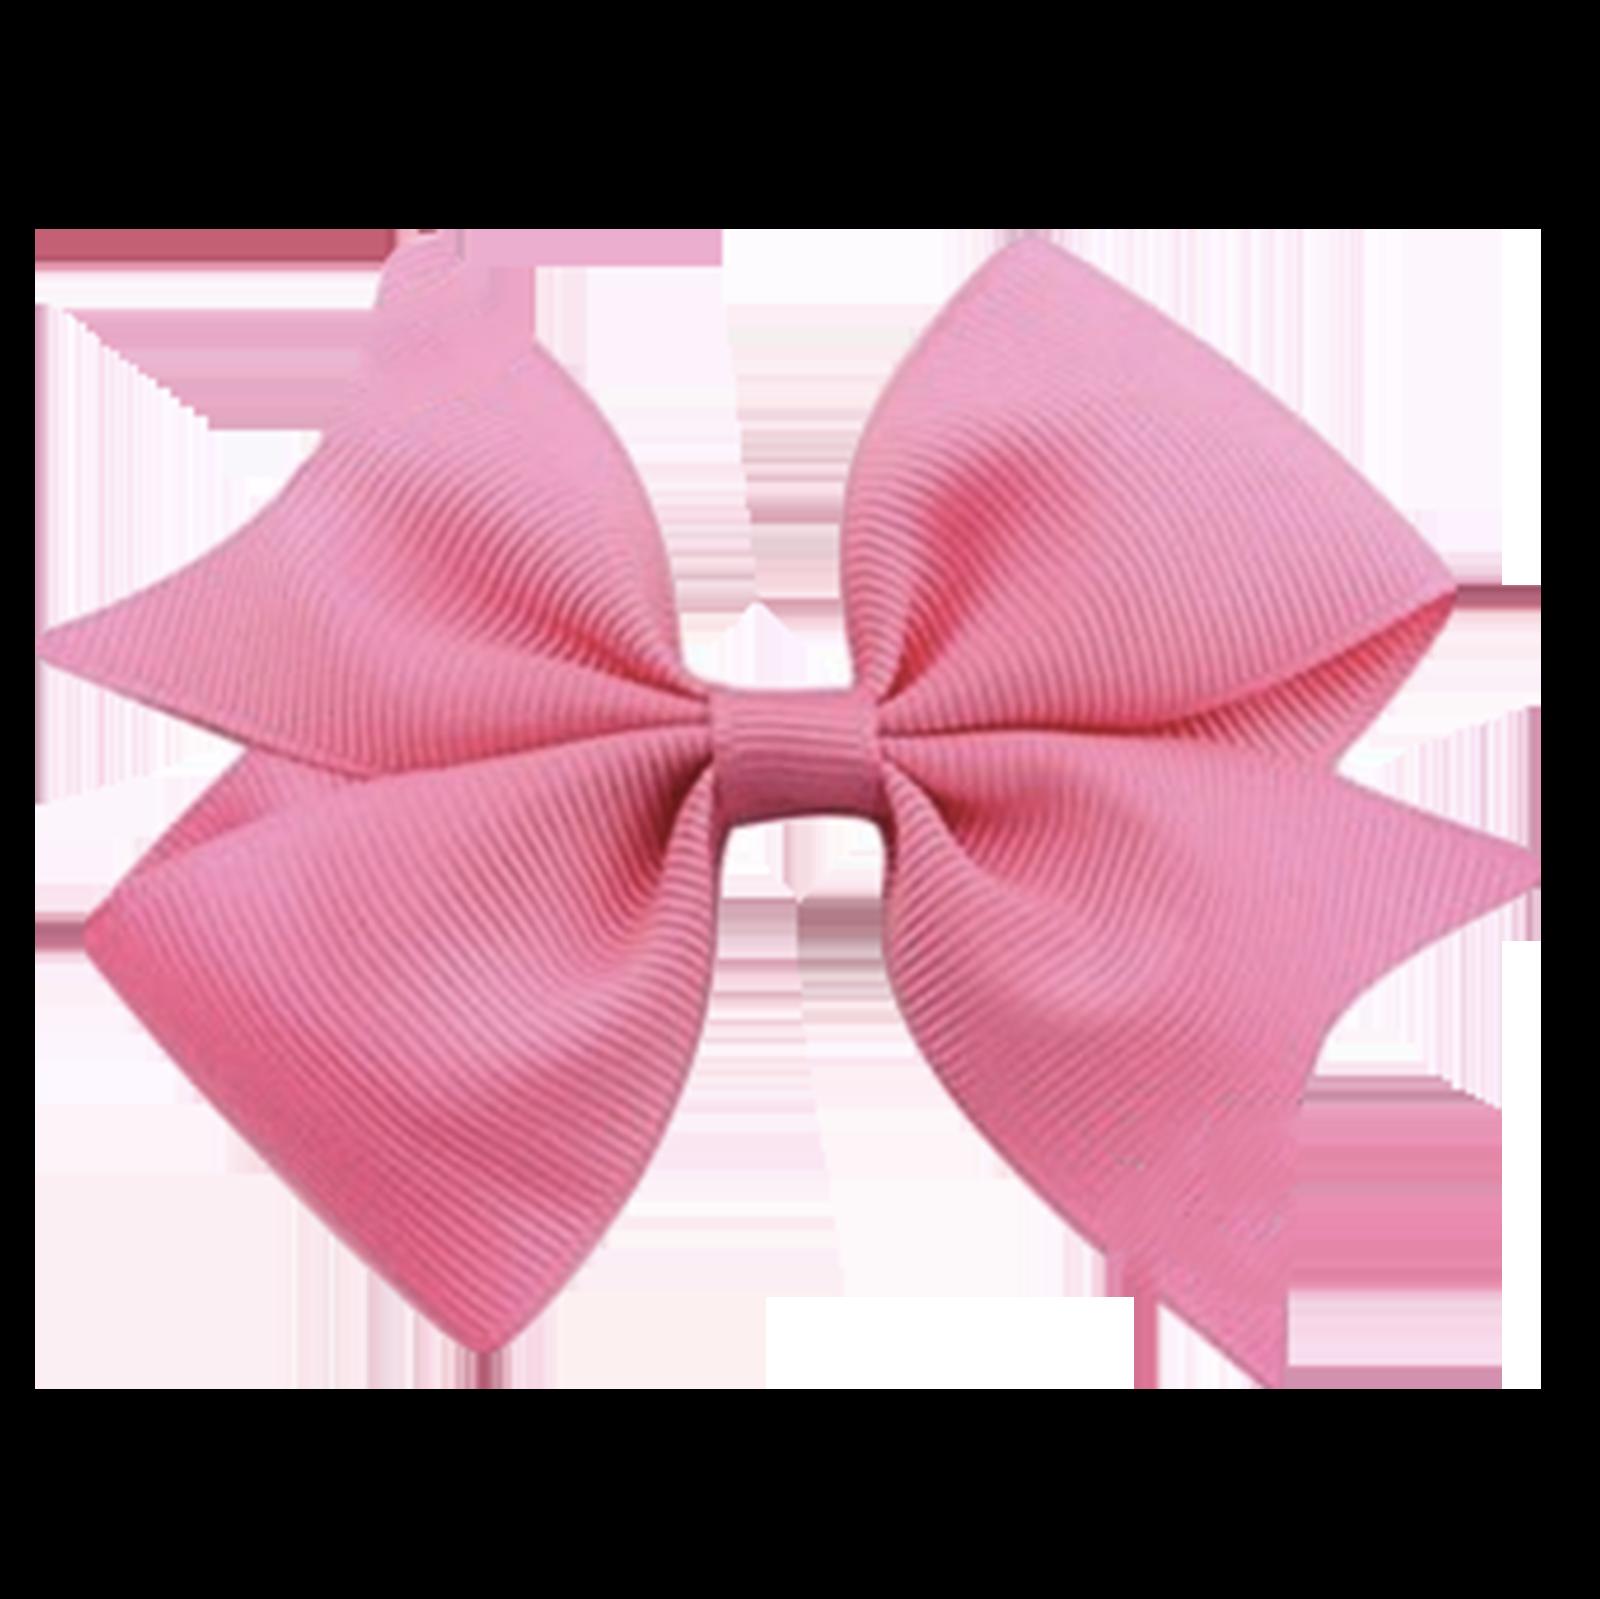 Virkotiepink Hair Bow Virkotie Www Virkotie Com Hair Bows Bows Pink